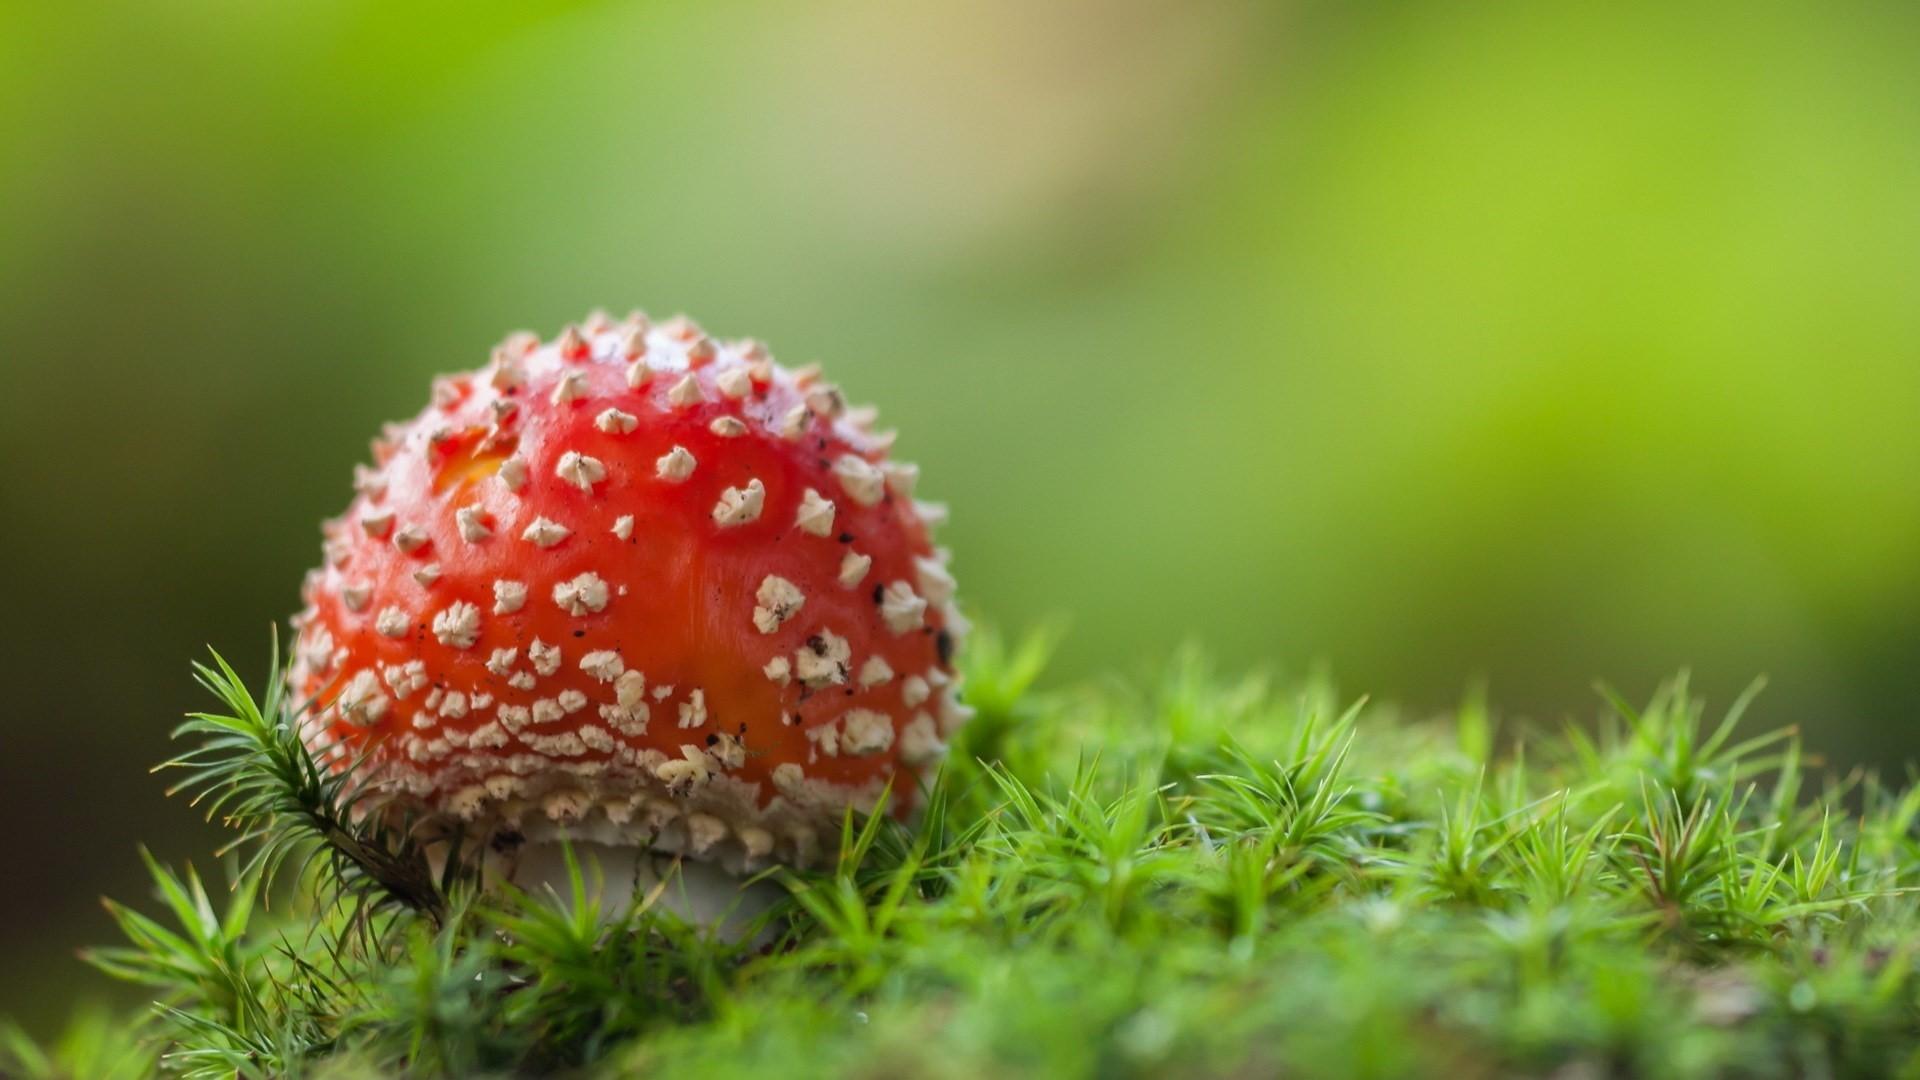 Mushroom Full HD Wallpaper